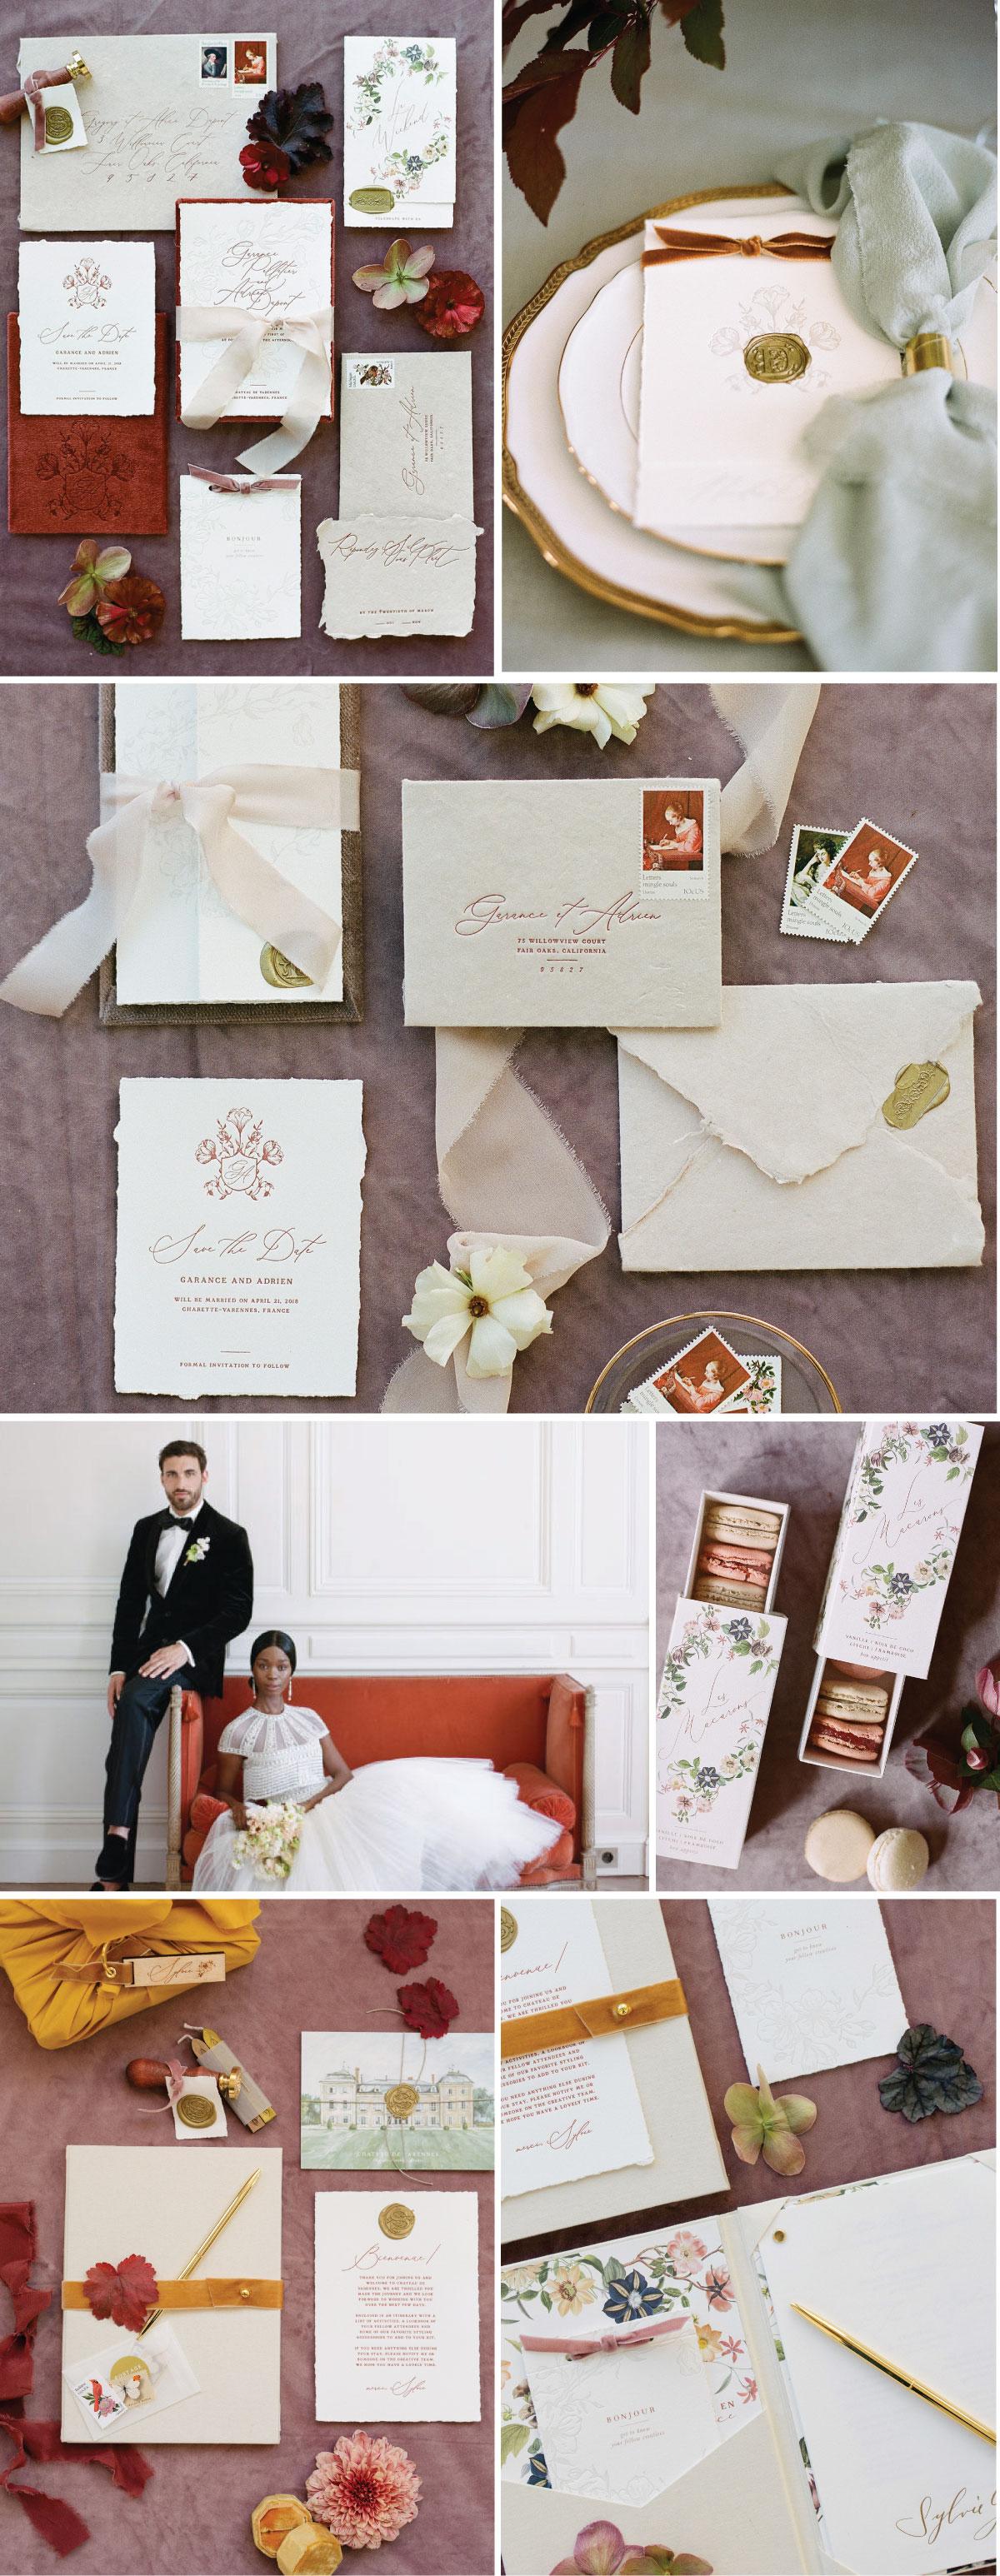 Kate Full Custom Wedding Invitations